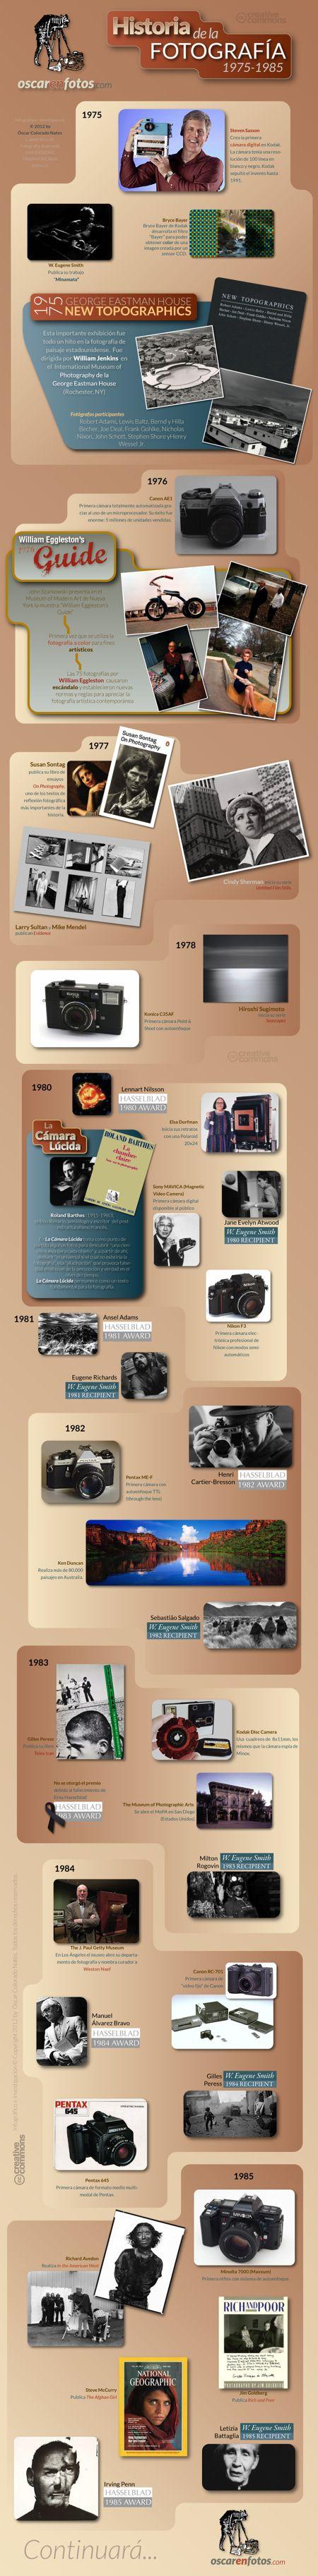 Historia de la fotografía, 1975-1985 | Oscar en Fotos